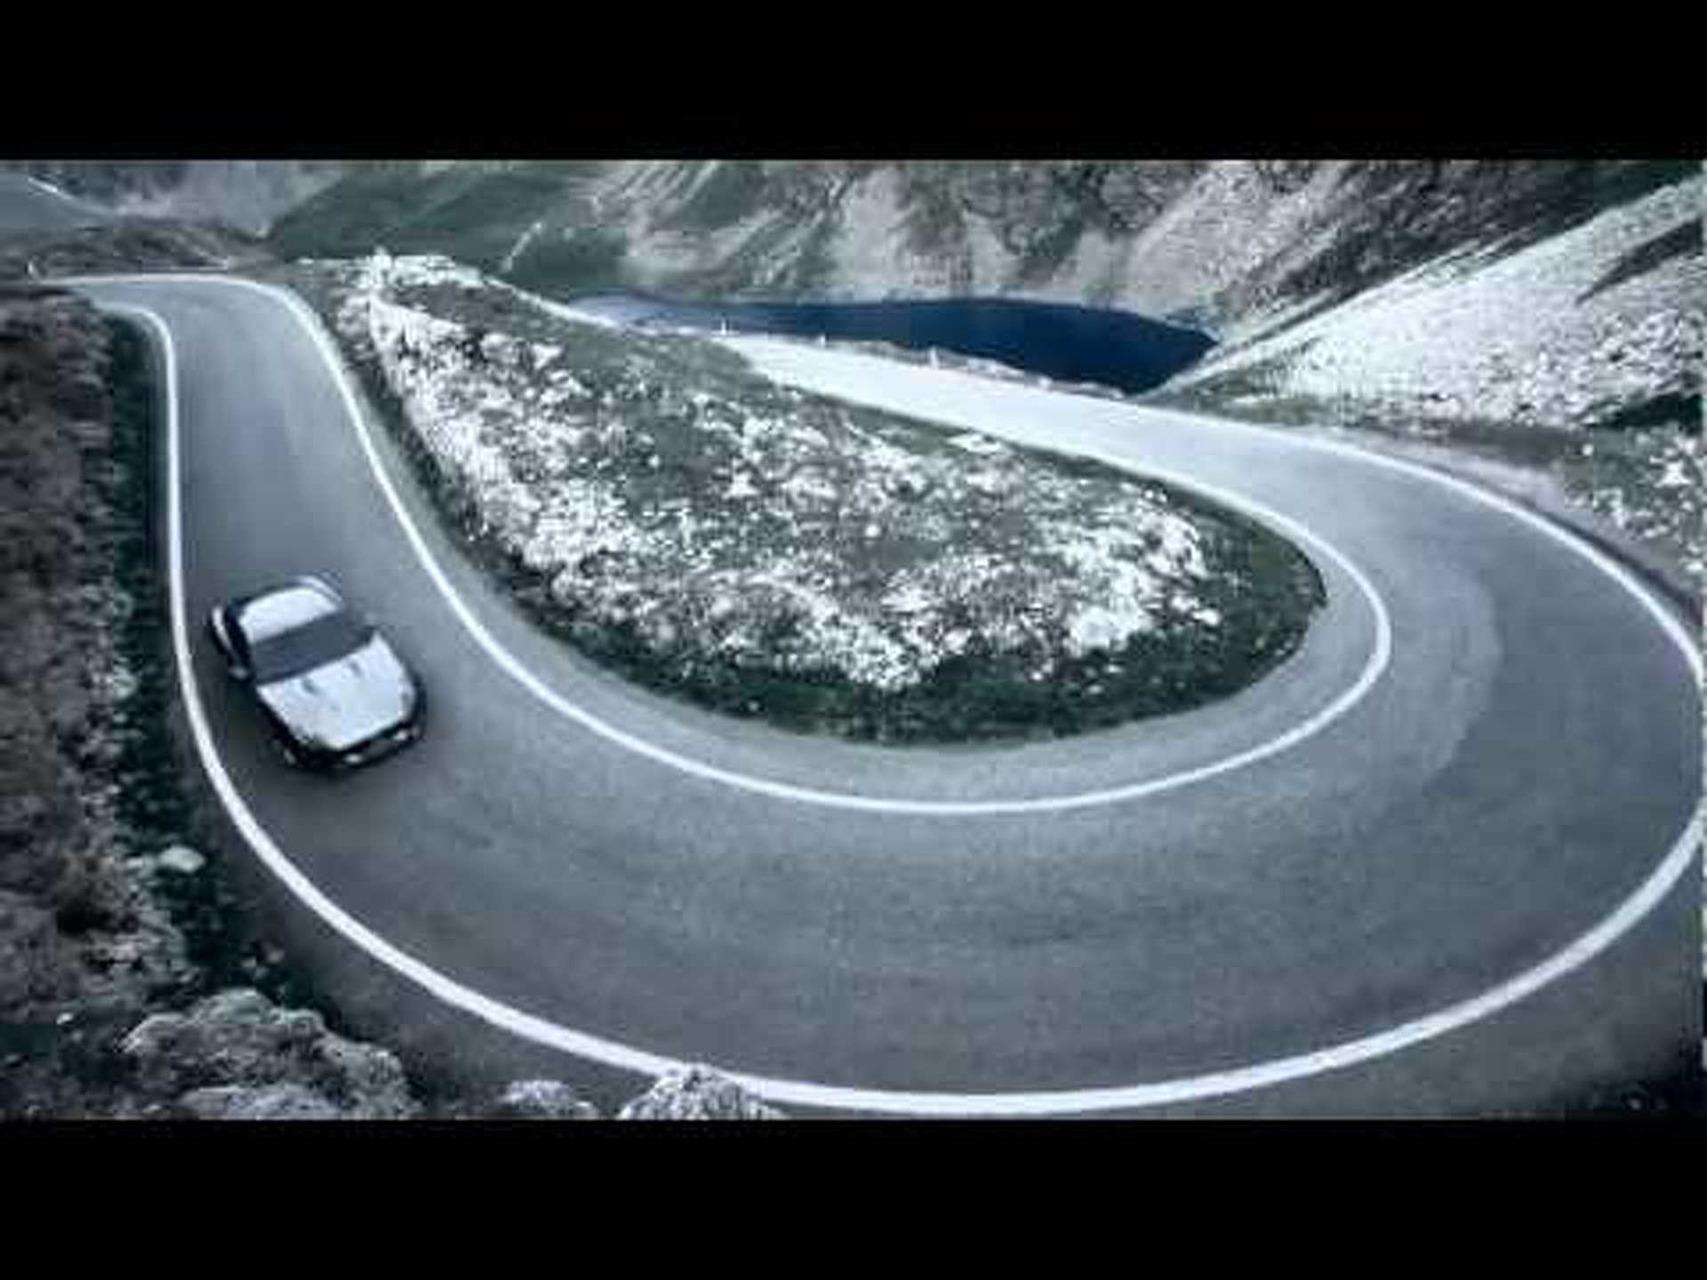 2011 Jaguar C-X16 Concept Studio and Driving